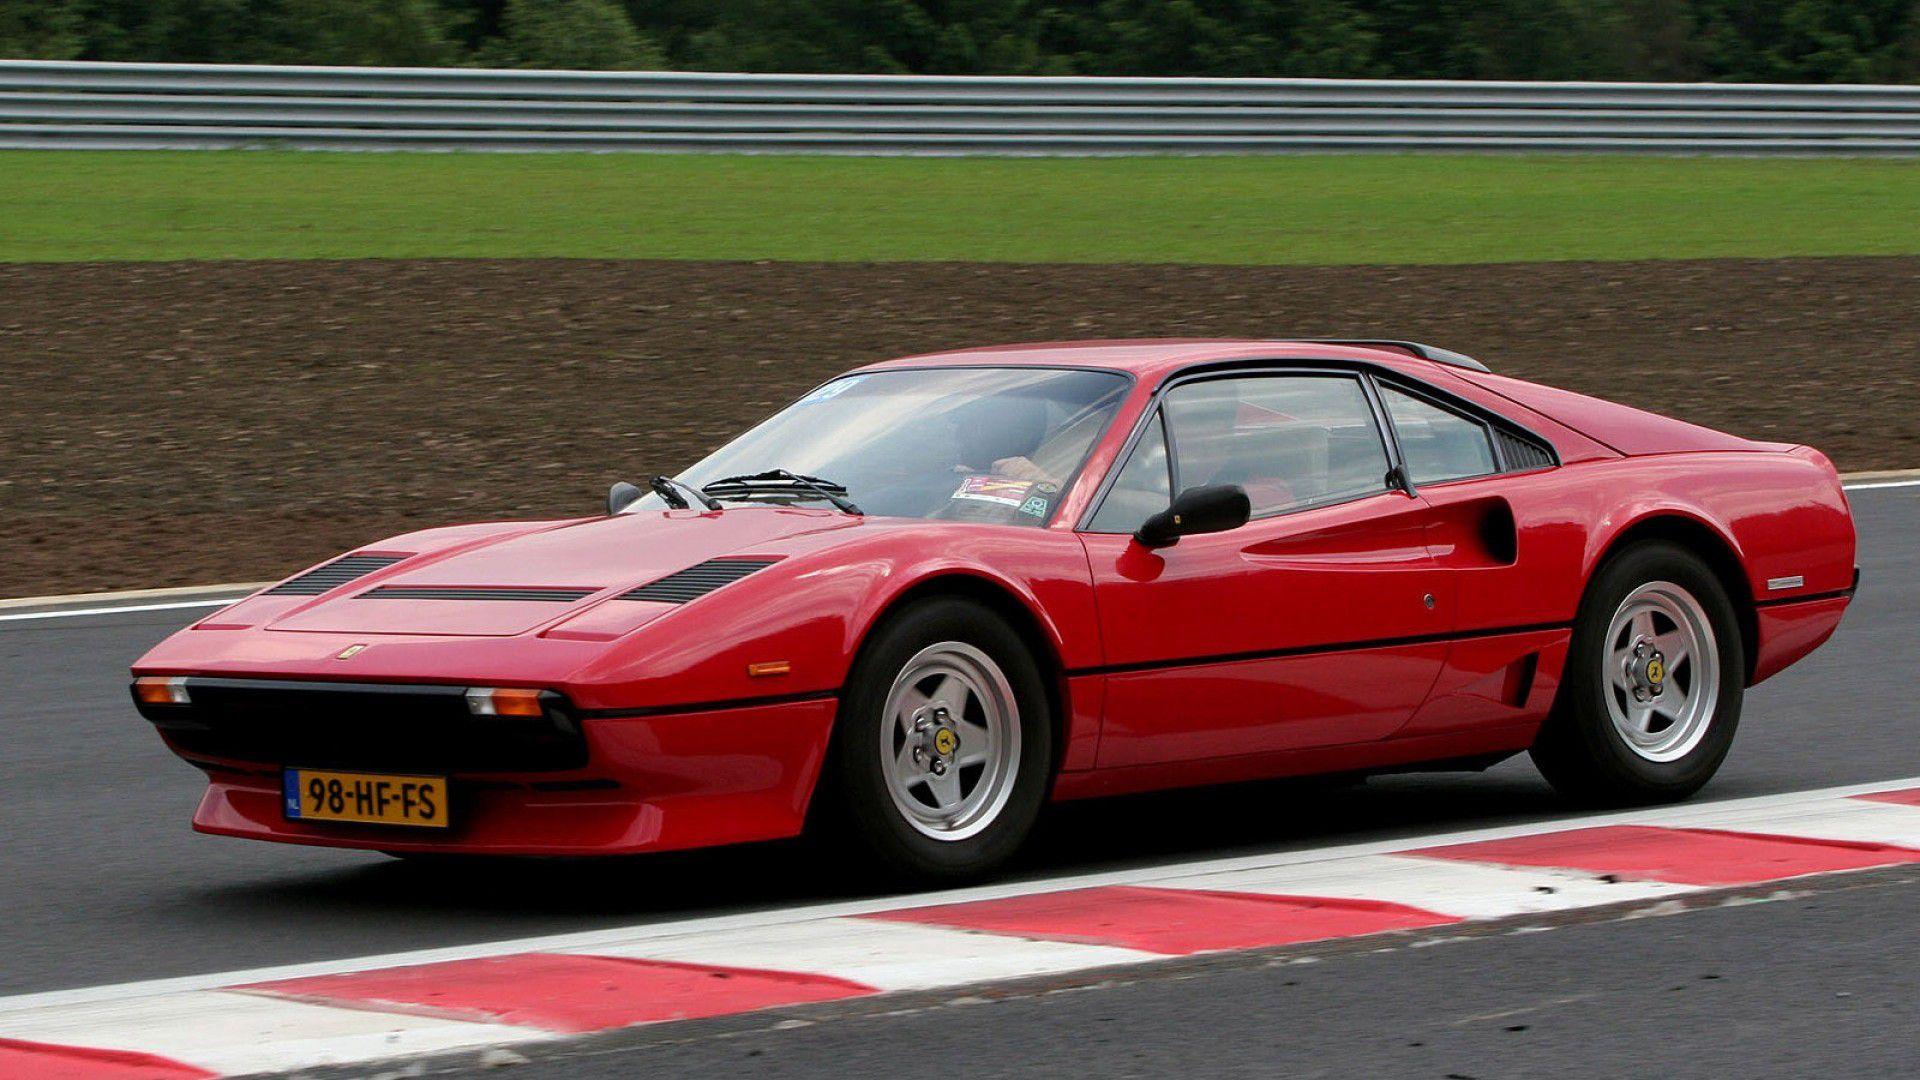 Ferrari GTB/GTS Turbo